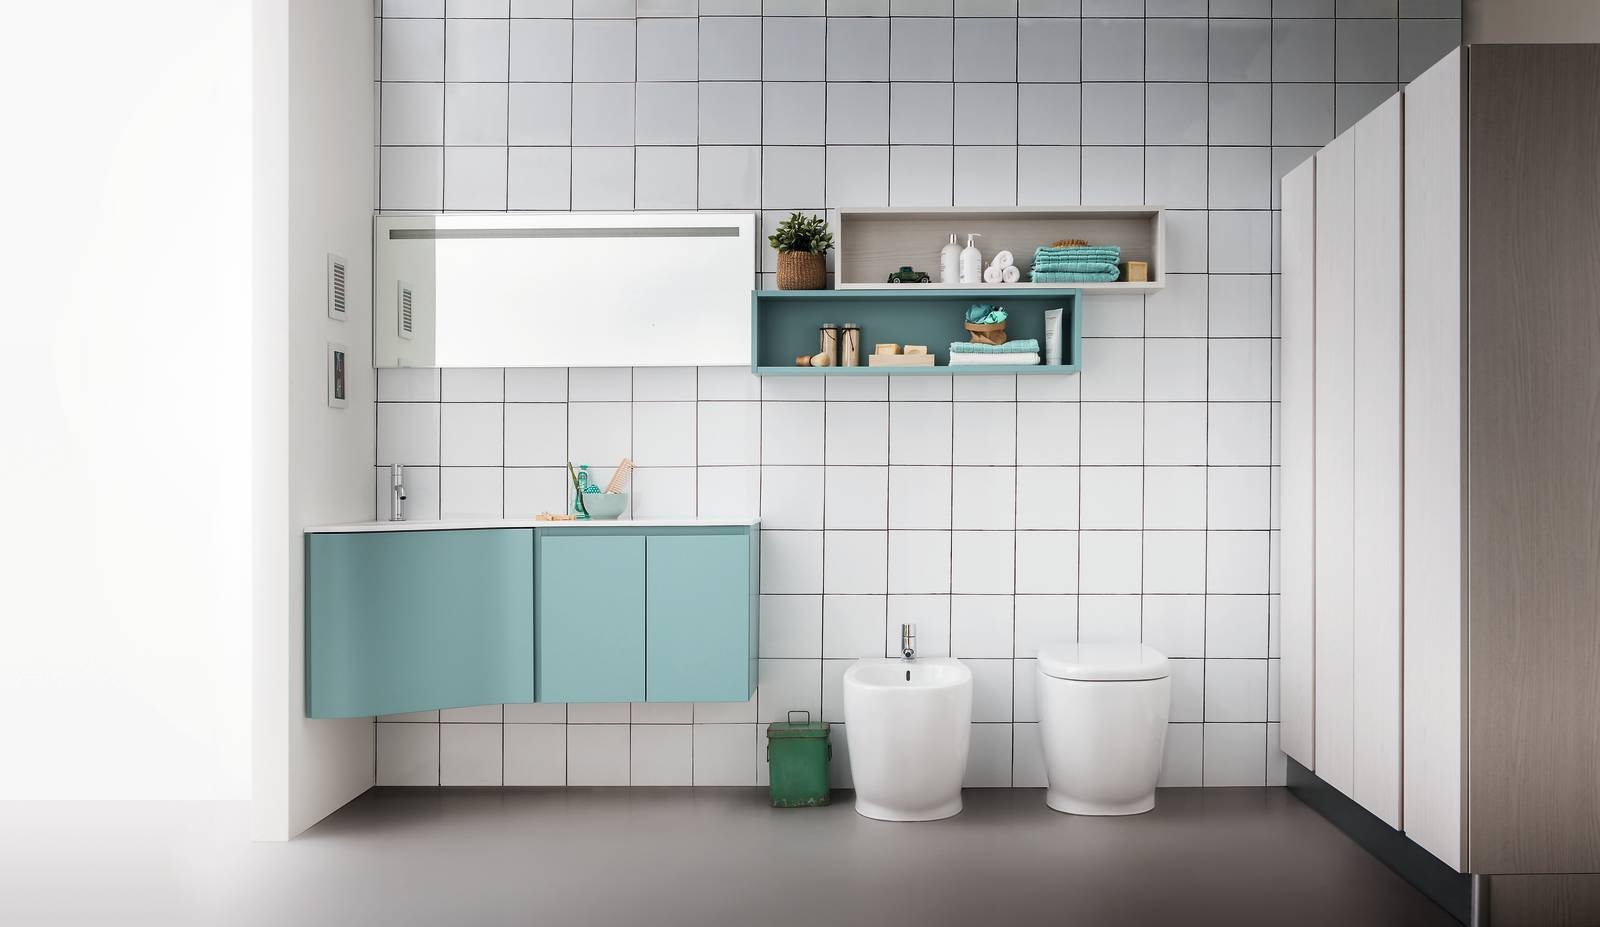 Vasca Da Bagno Ad Angolo Misure : Soluzioni per un bagno piccolo piccolo cose di casa